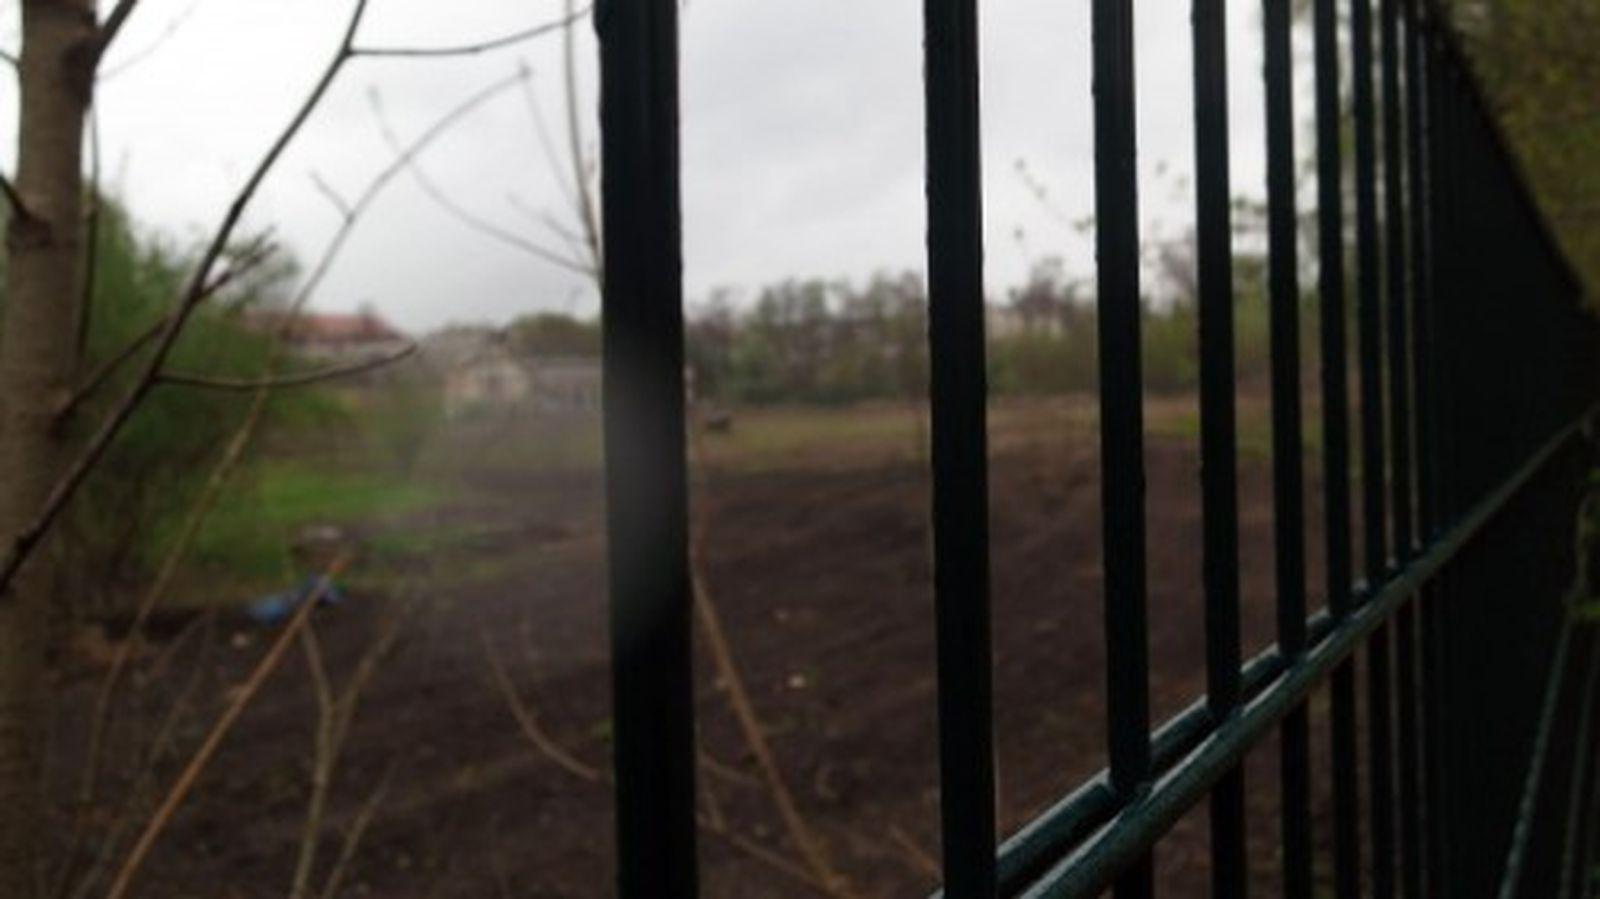 Russensportplatz hinter Gittern - es fehlt am Geld den Platz zu reinigen und zu pflegen